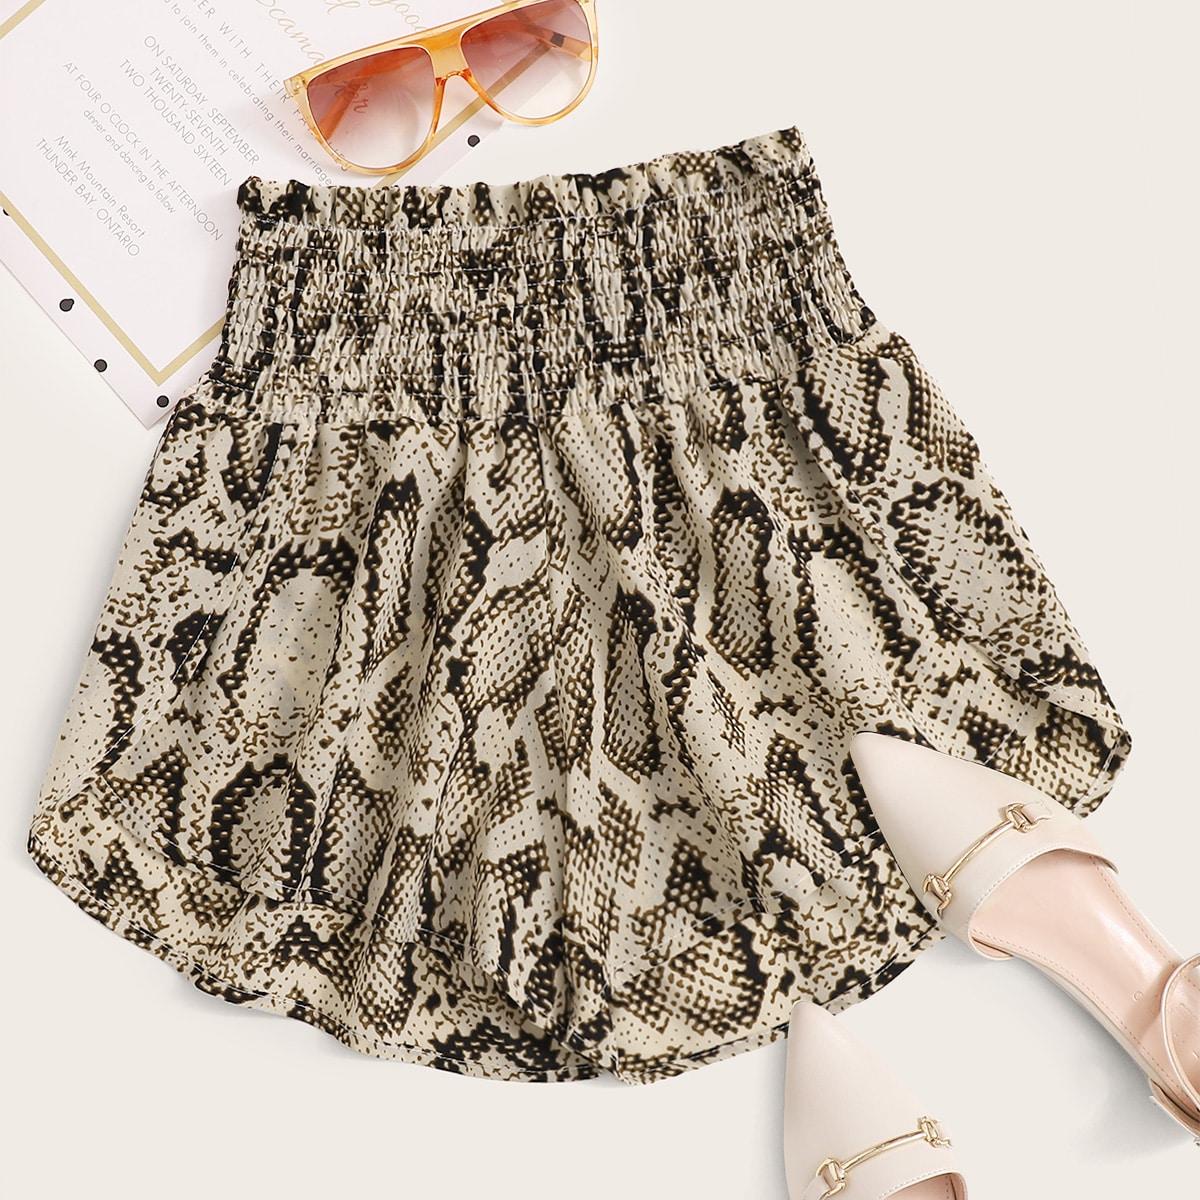 SHEIN / Shorts de pierna ancha de cintura fruncdo con estampado de piel de serpiente